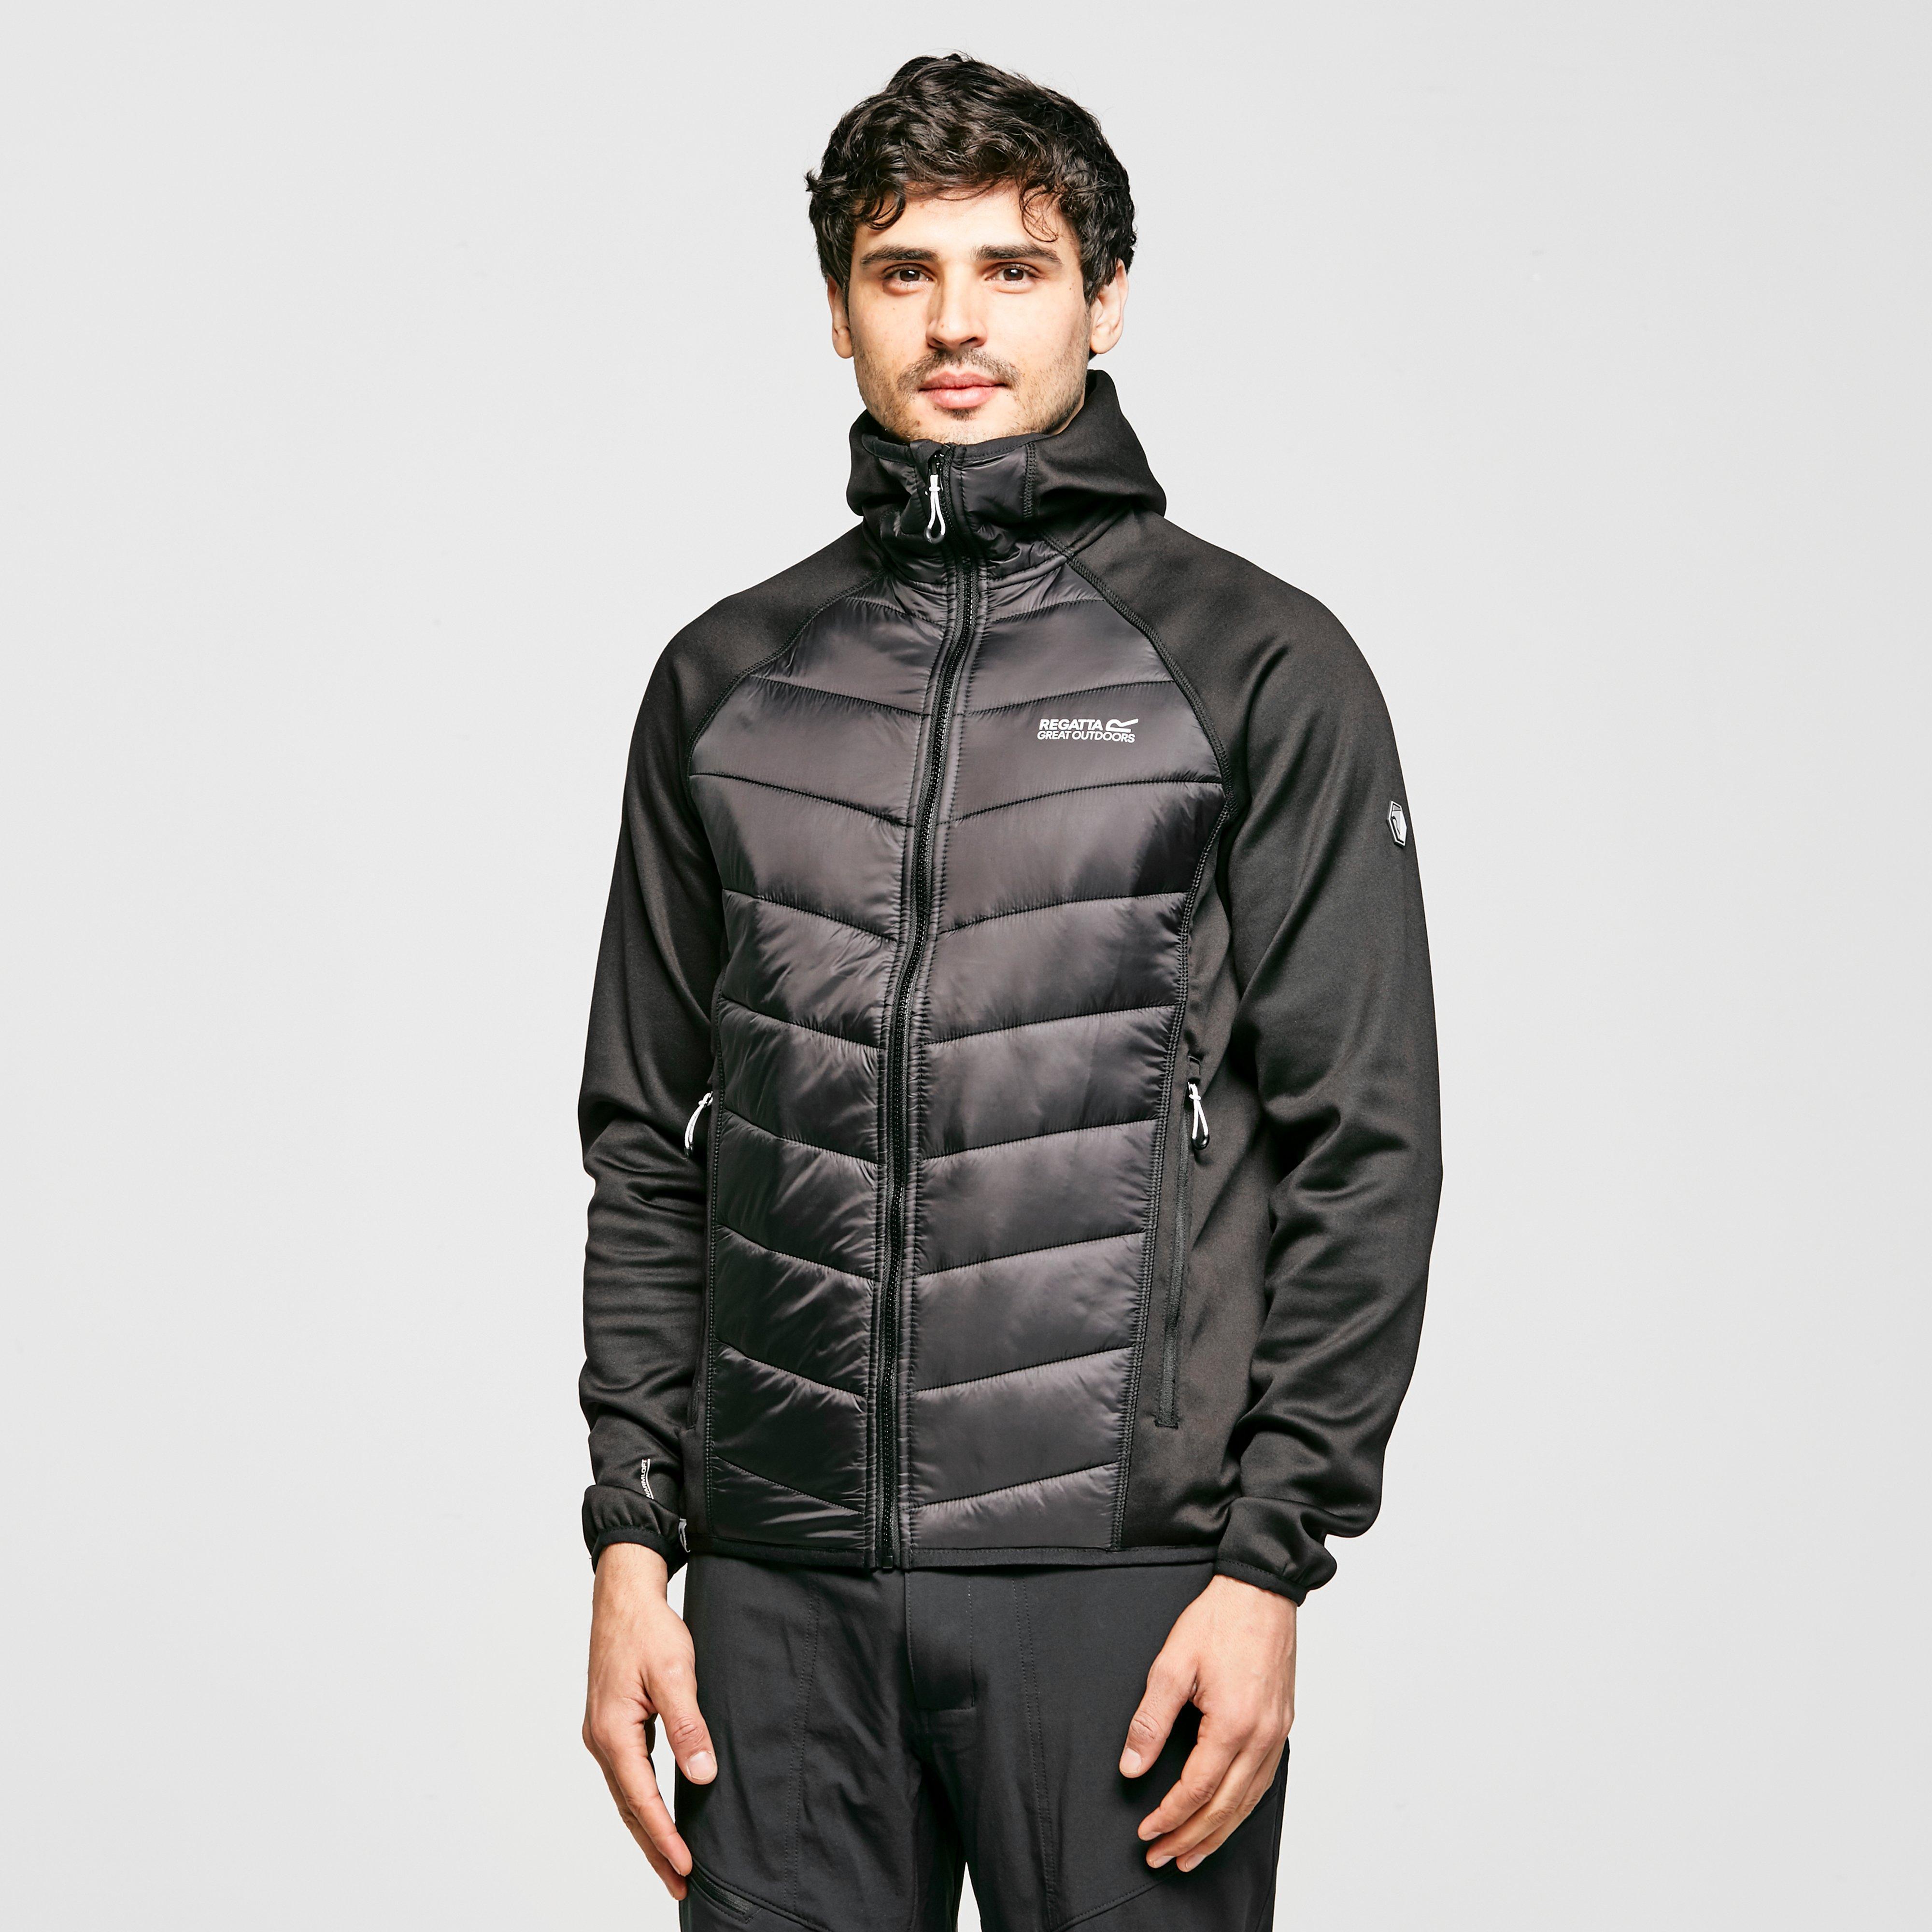 Regatta Regatta Mens Andreson IV Hybrid Insulated Jacket